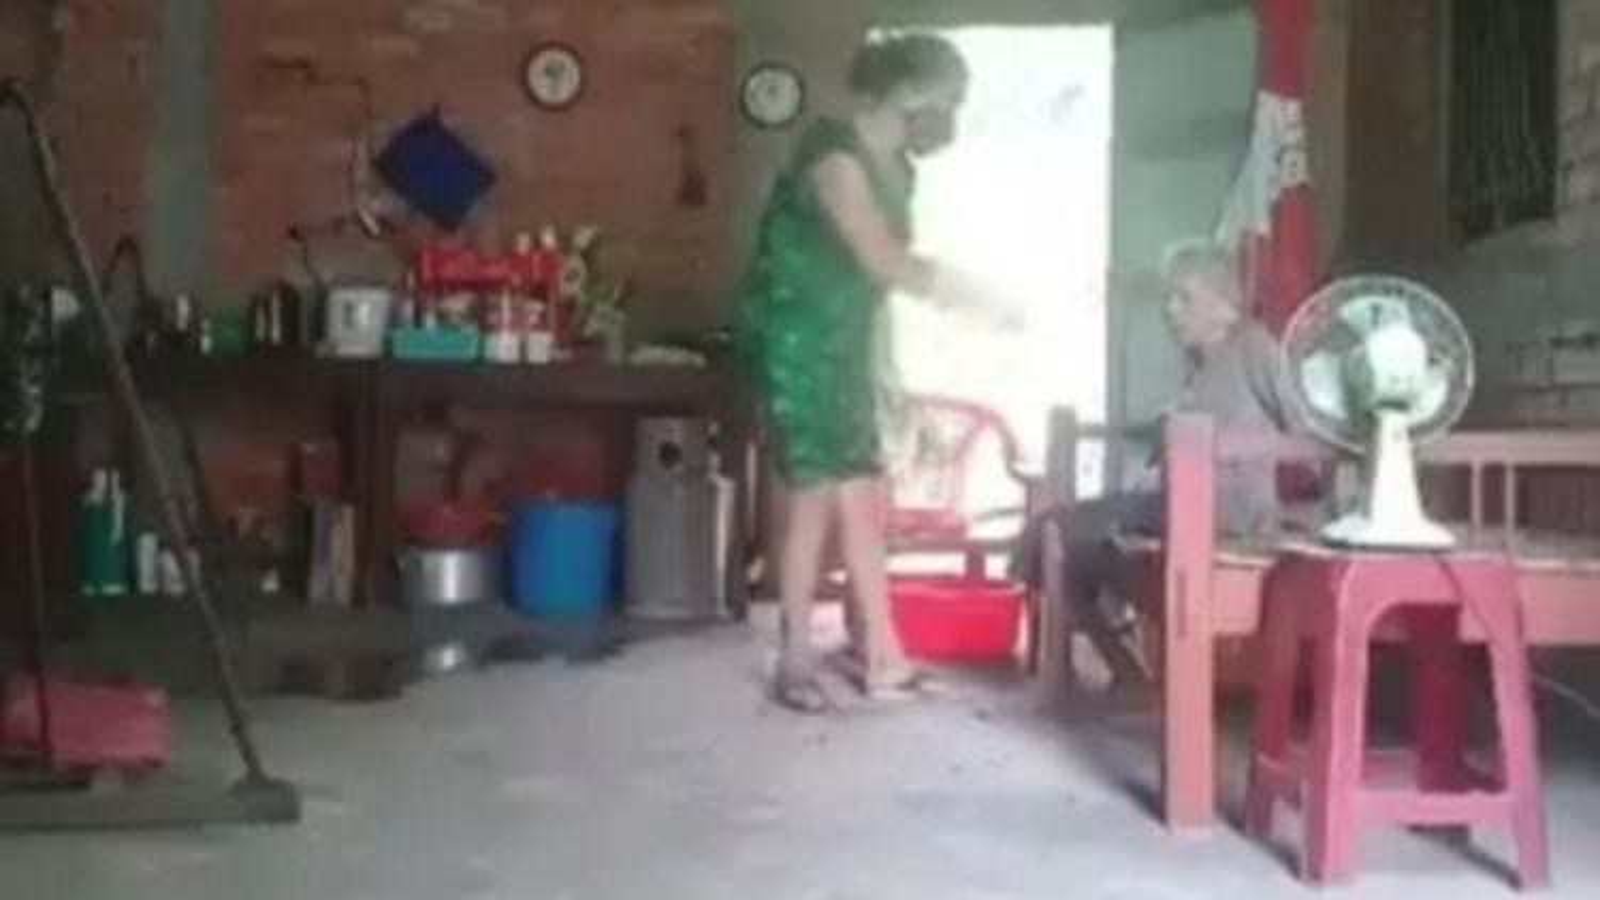 Bắt tạm giam người phụ nữ đánh đập, chửi bới mẹ ruột ở Long An